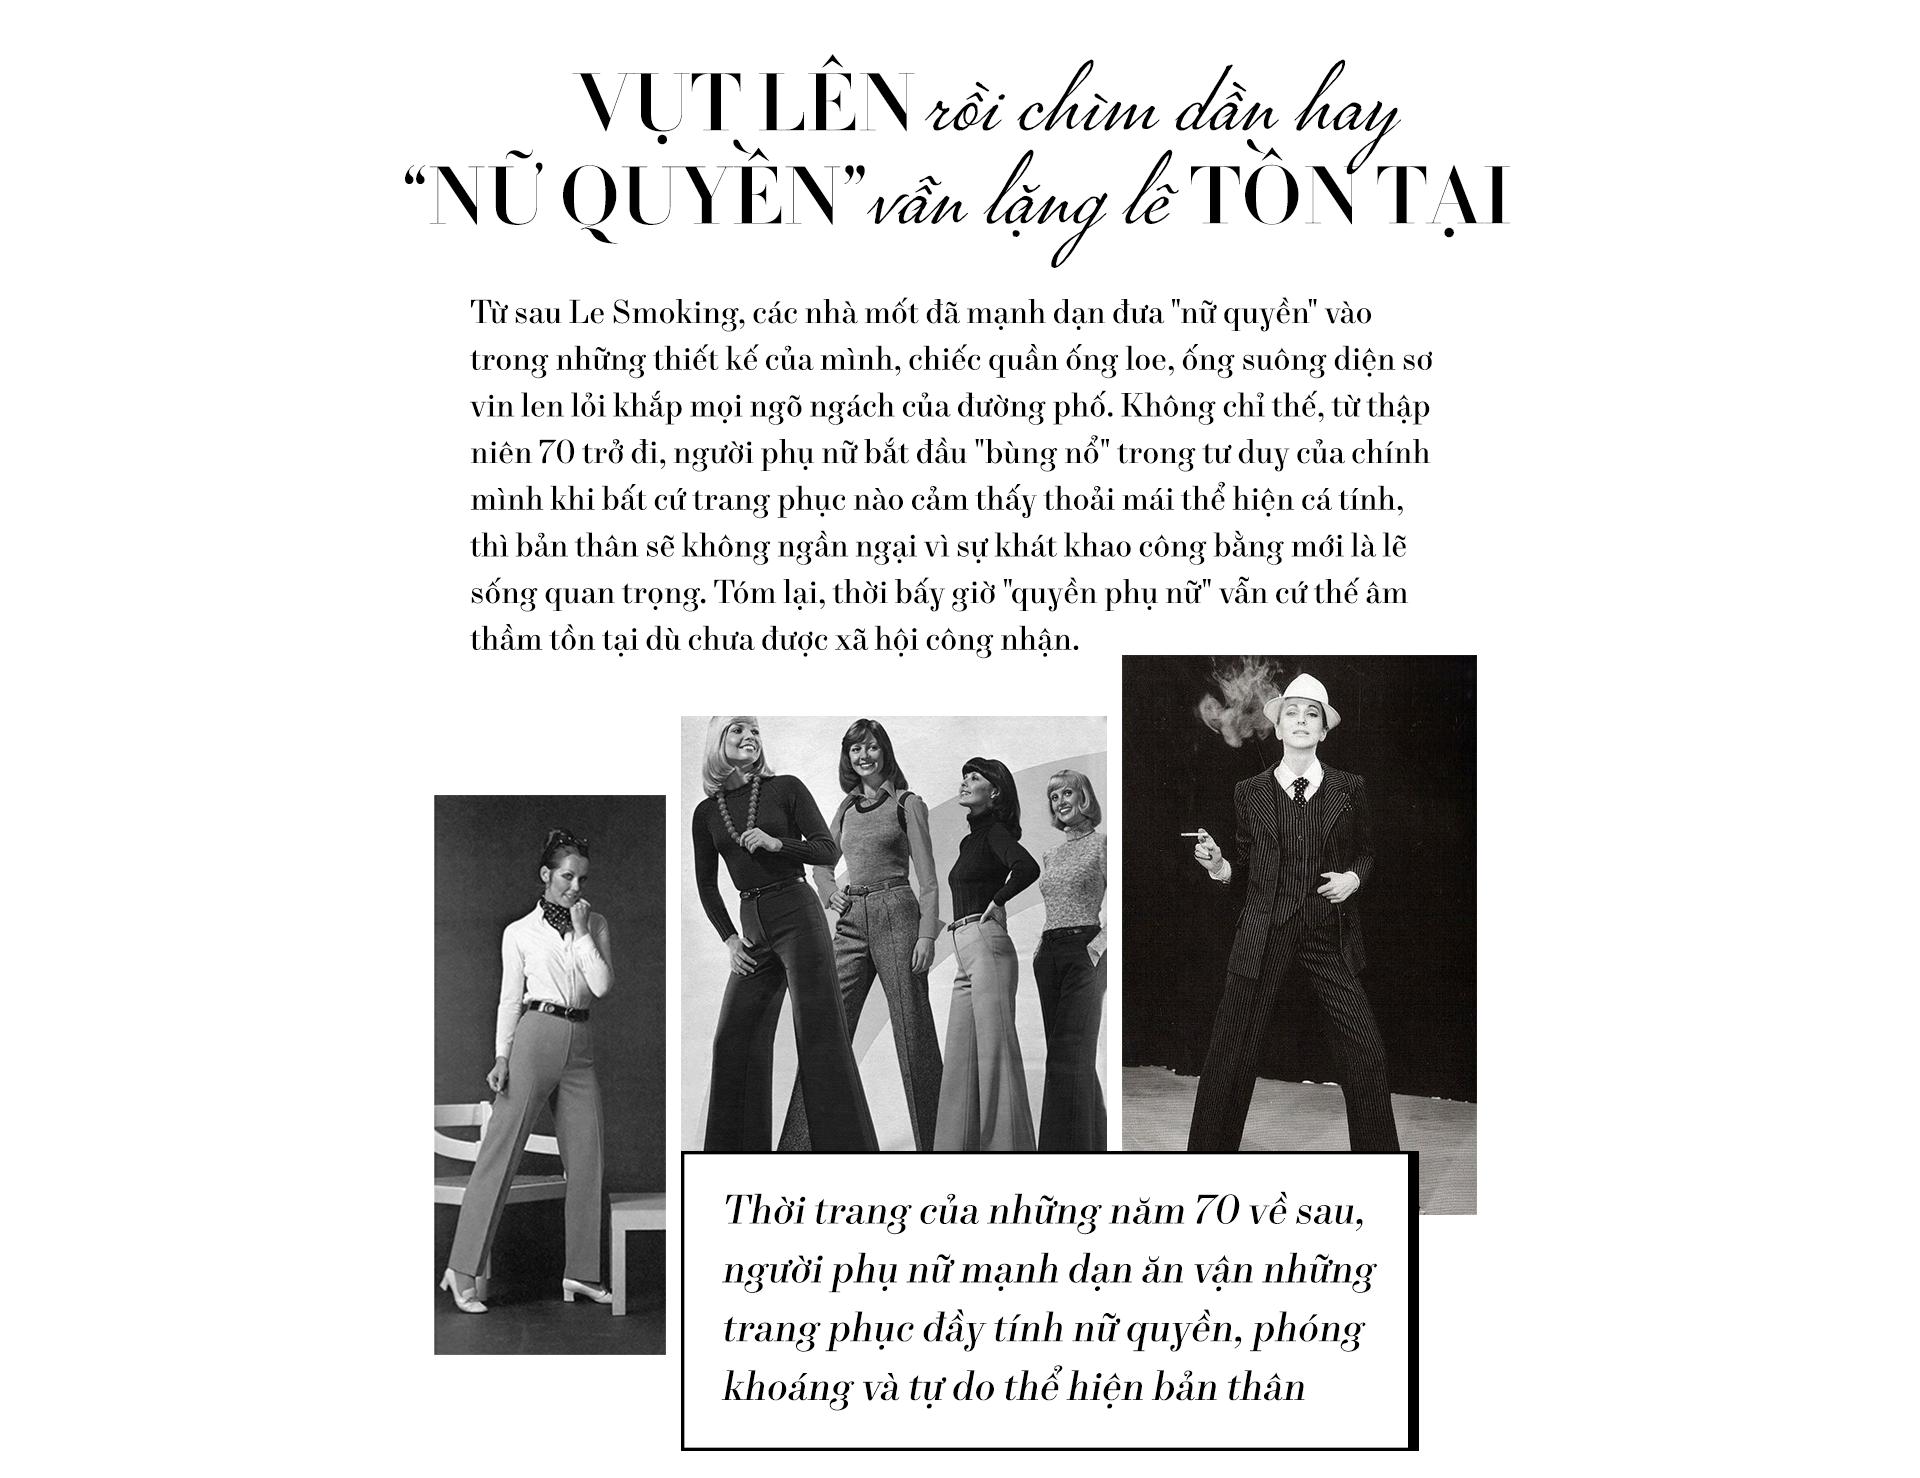 Nữ quyền - cụm từ đang xâm chiếm làng thời trang một cách mạnh mẽ nhất